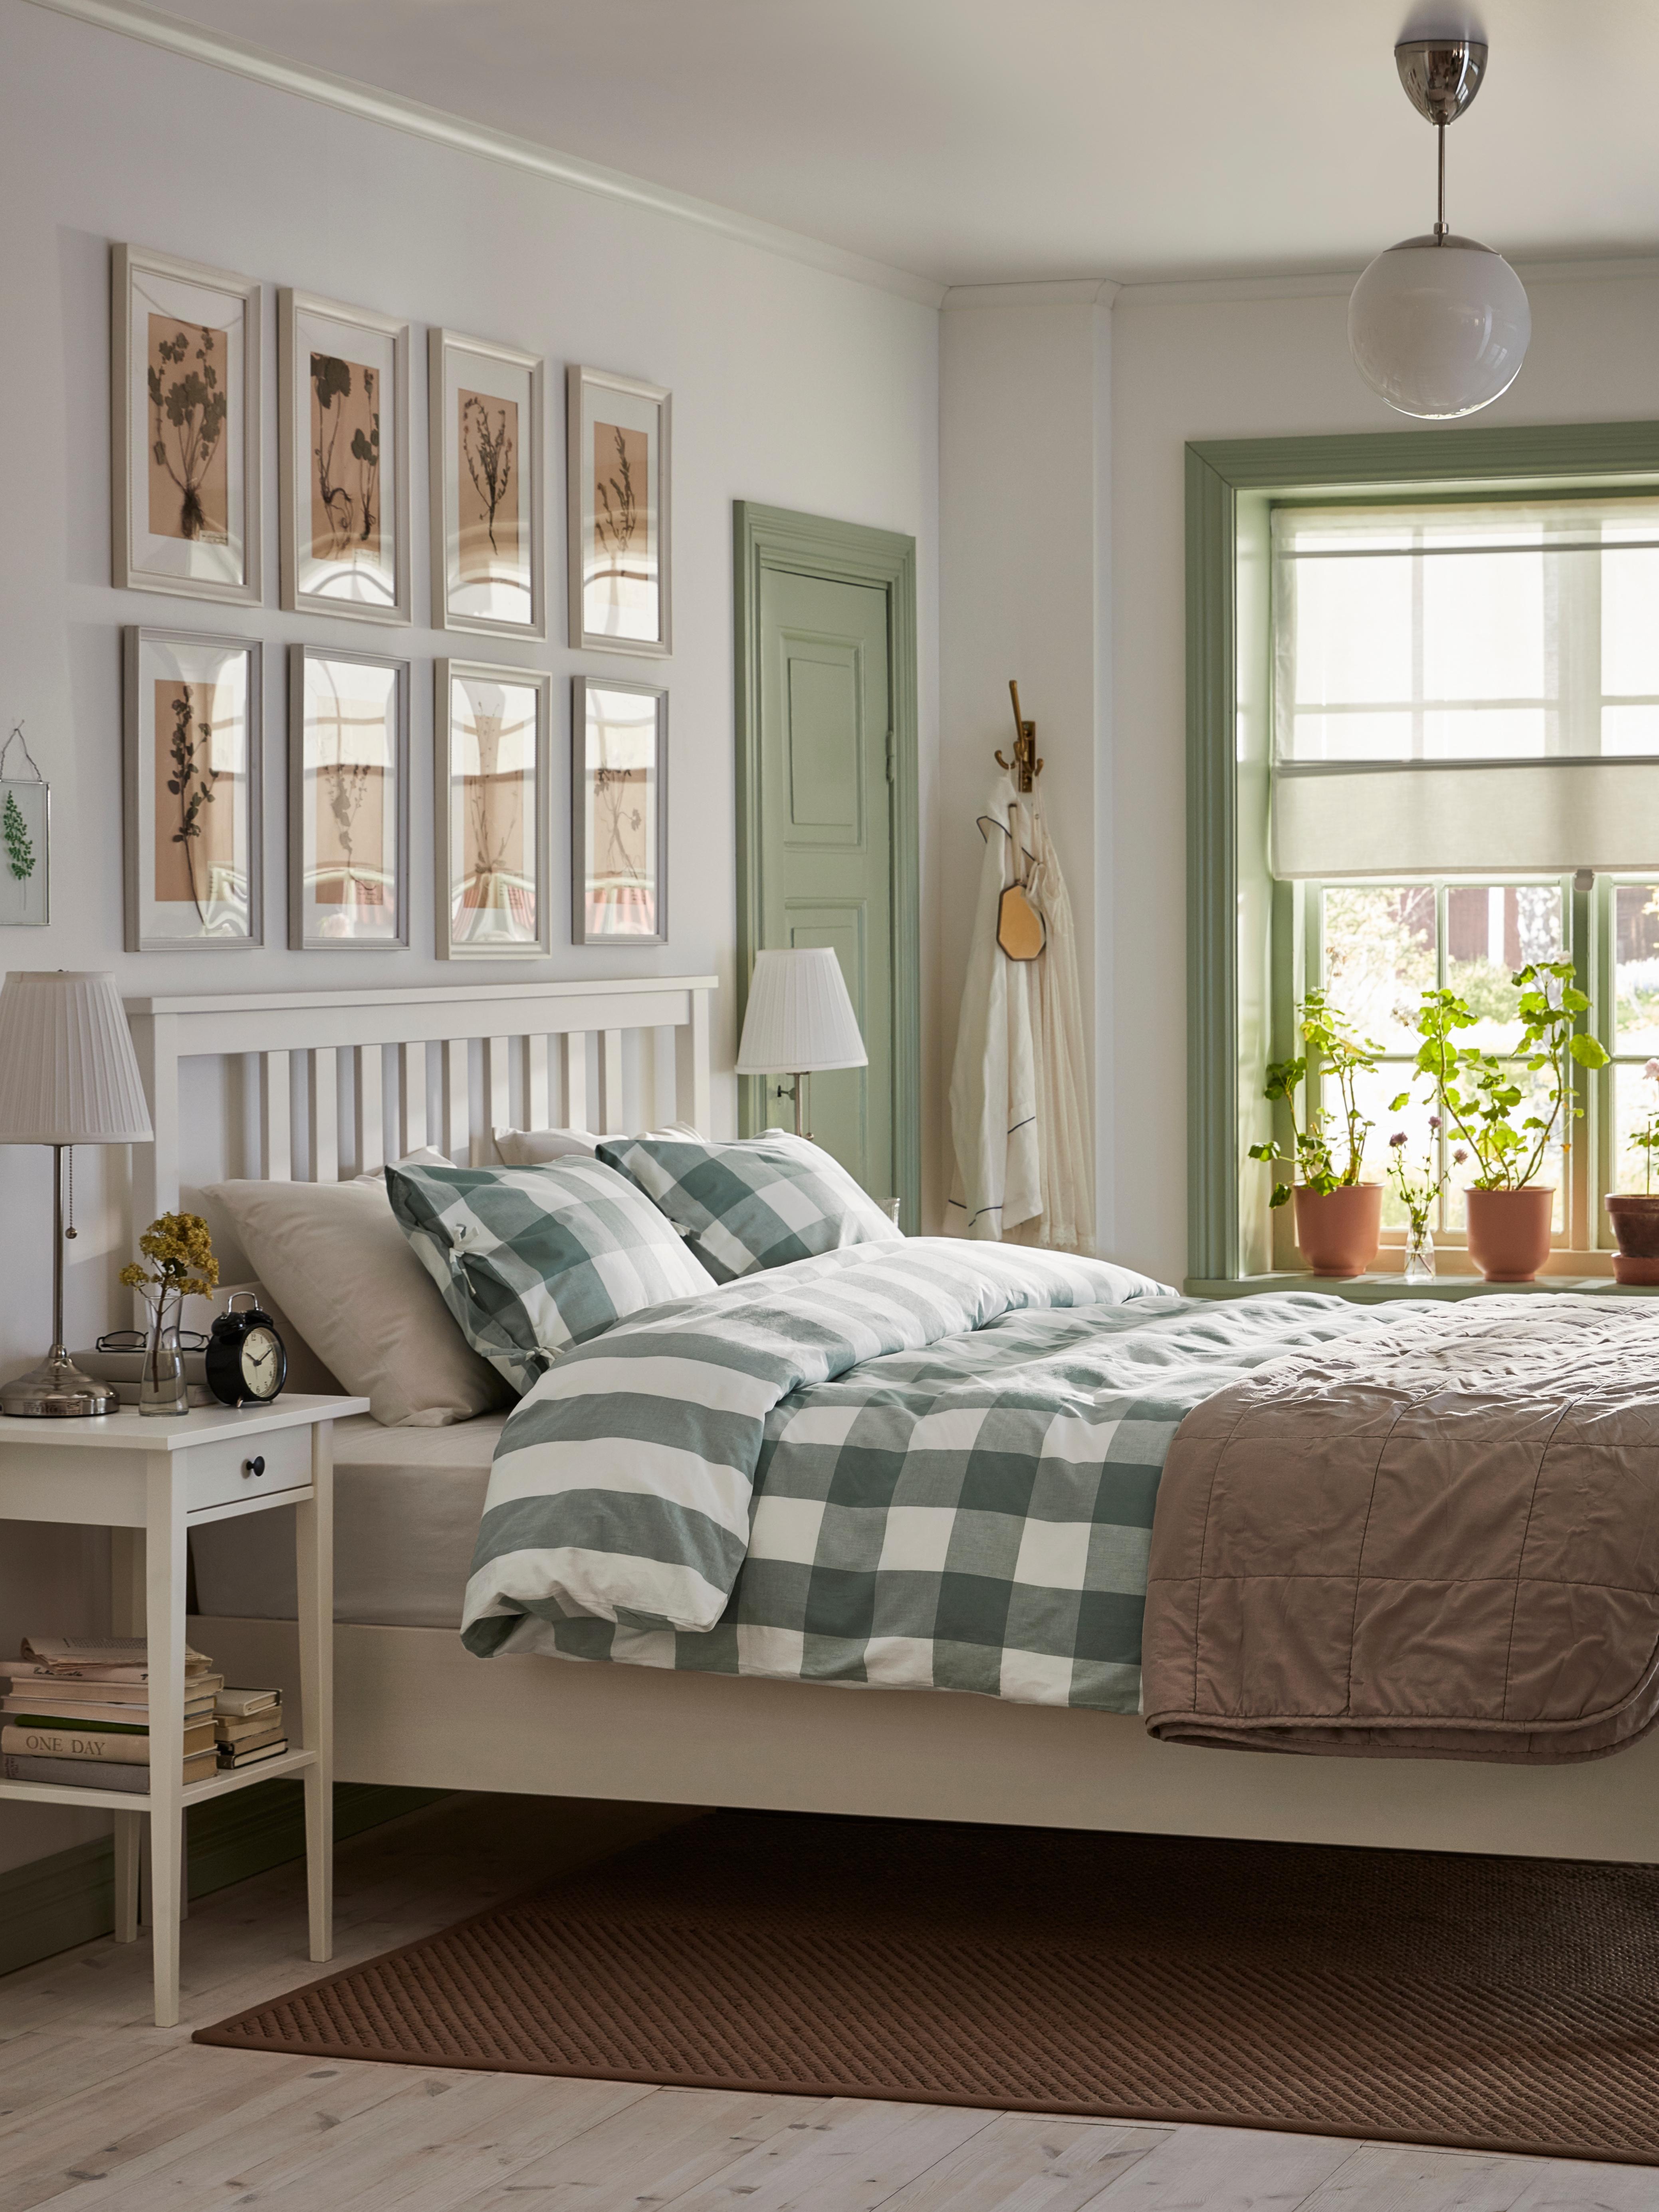 Svijetla spavaća soba s bijelim okvirom kreveta od punog drva bora i zelenom/bijelom navlakom za poplun pokraj noćnih ormarića.